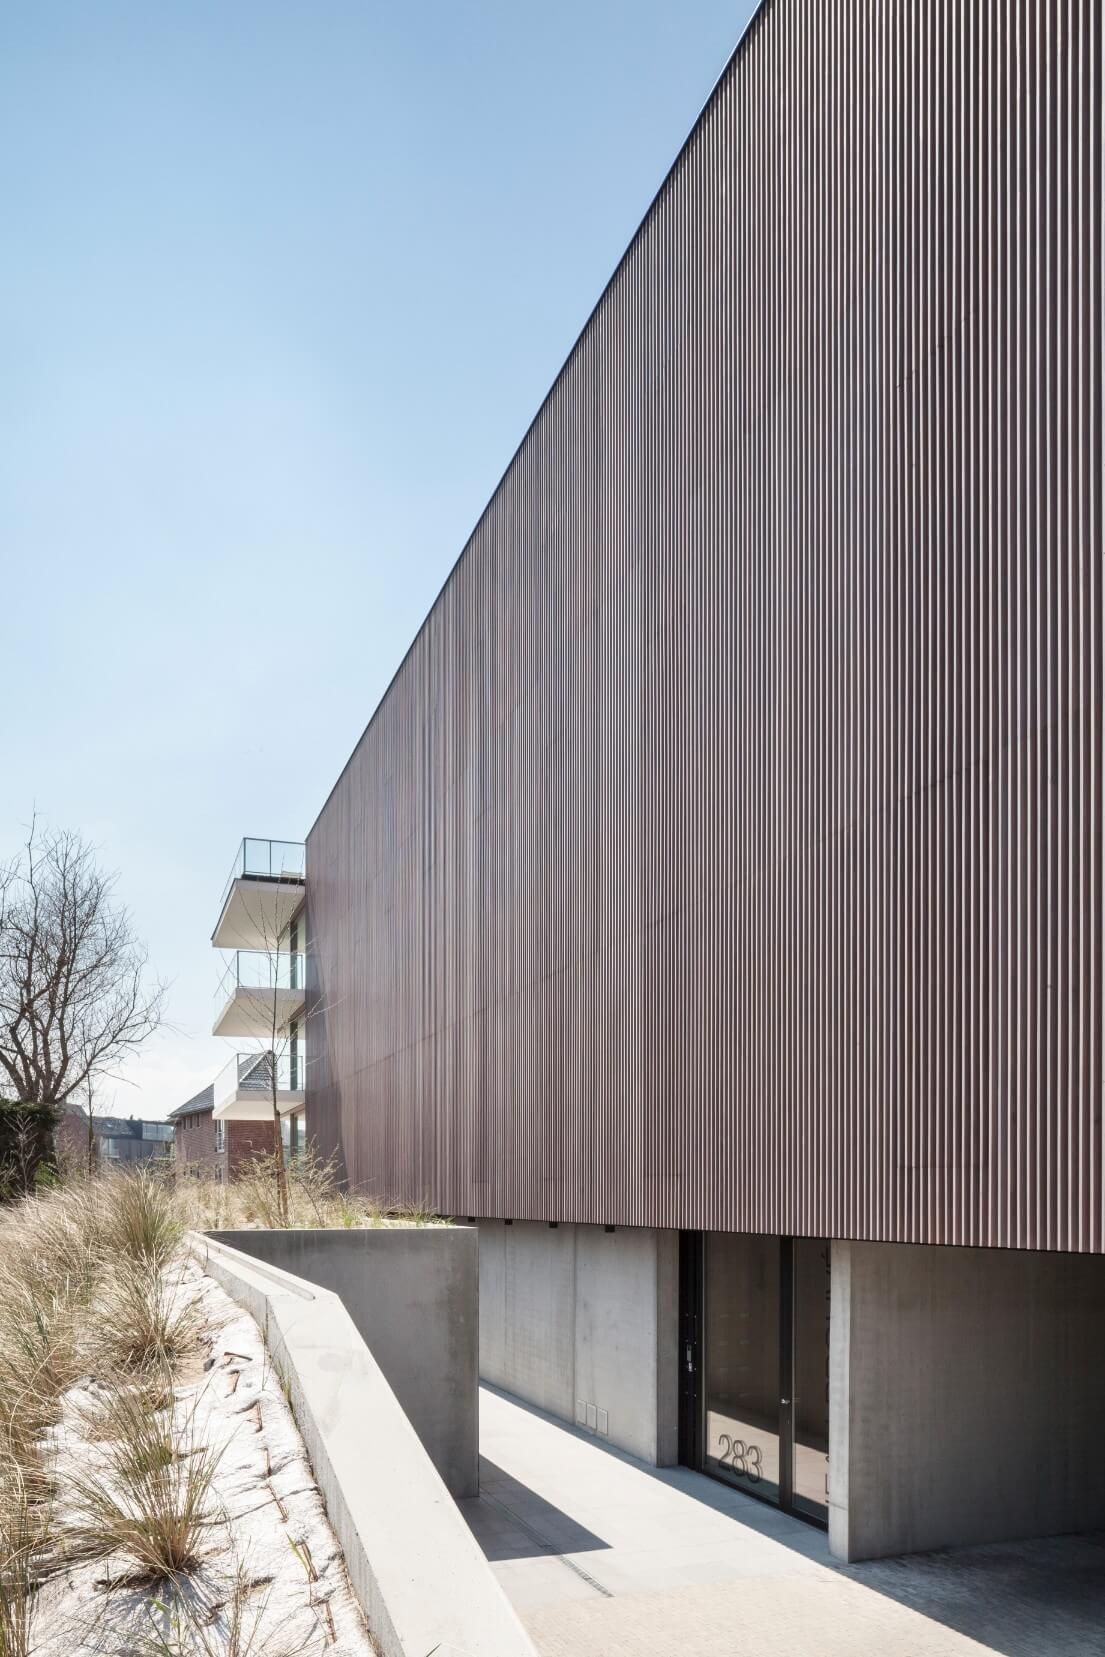 Res-JeanProuve-Rietveldprojects-photobytimvandevelde-5.jpg